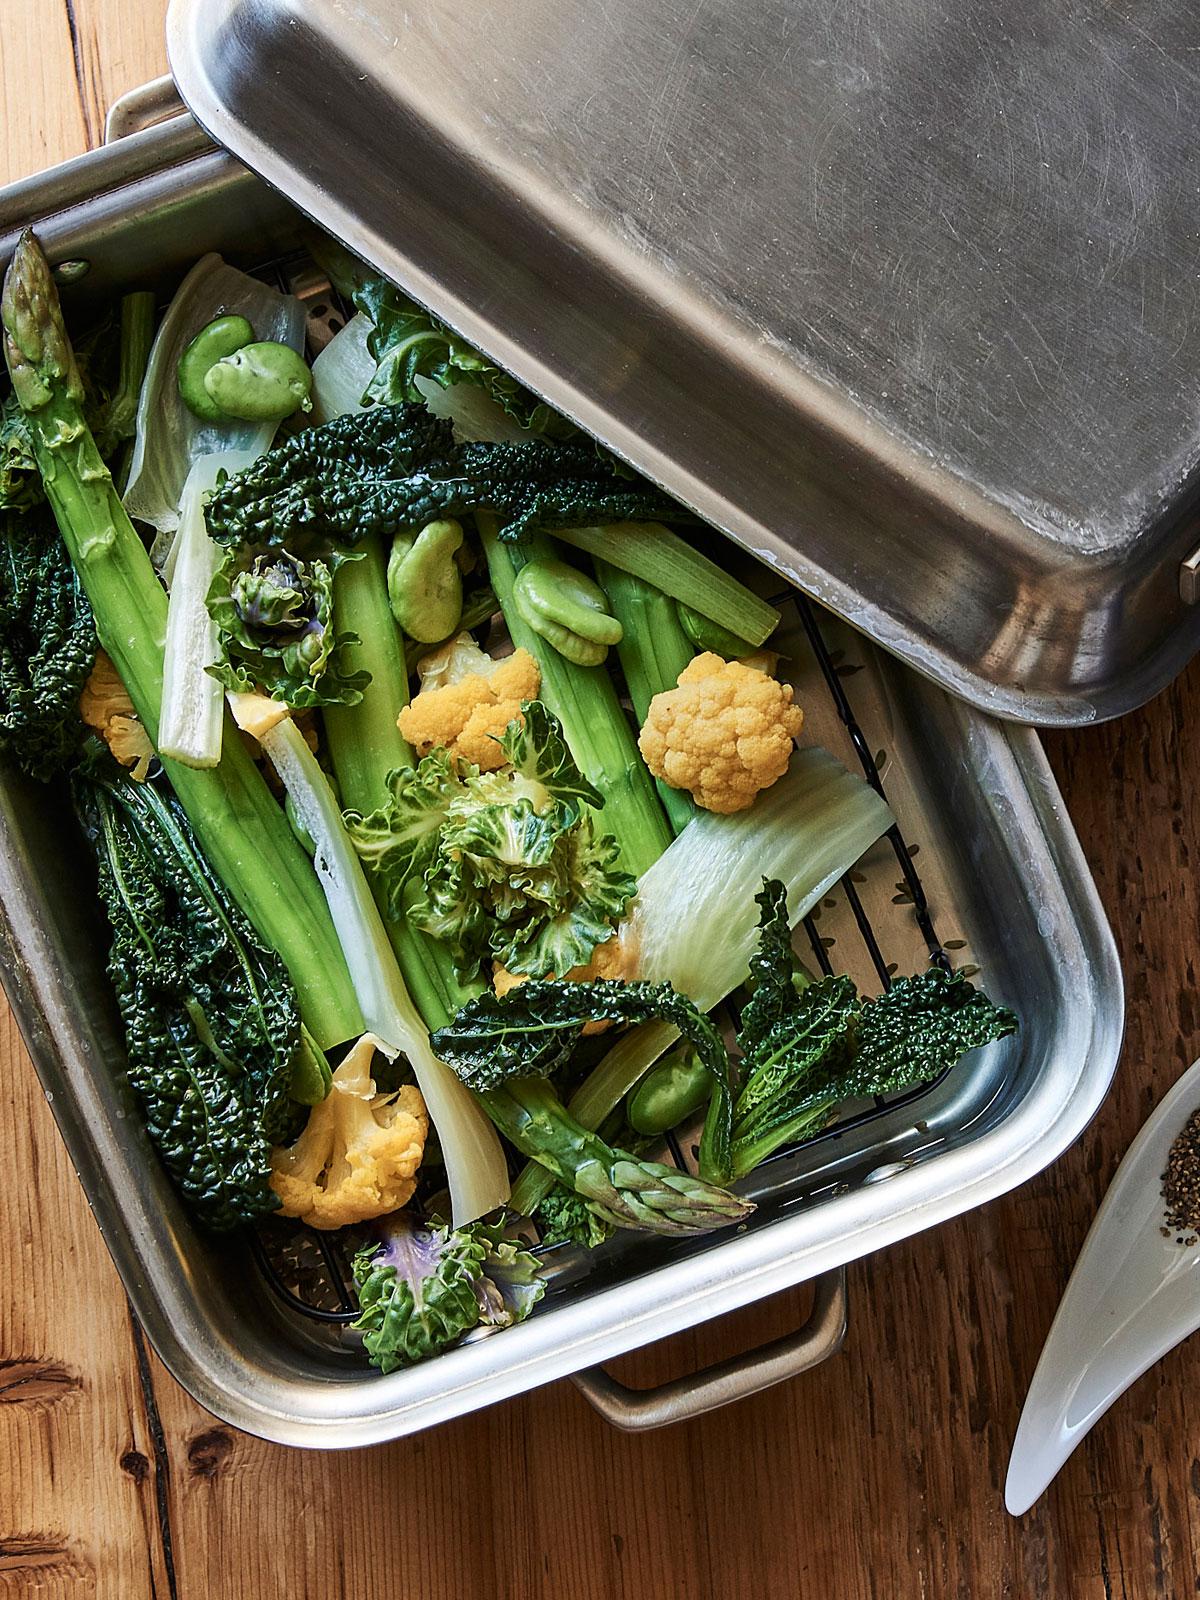 春野菜のブレゼのレシピ/ 「イレール人形町」島田哲也シェフに習う、一歩上ゆく野菜料理